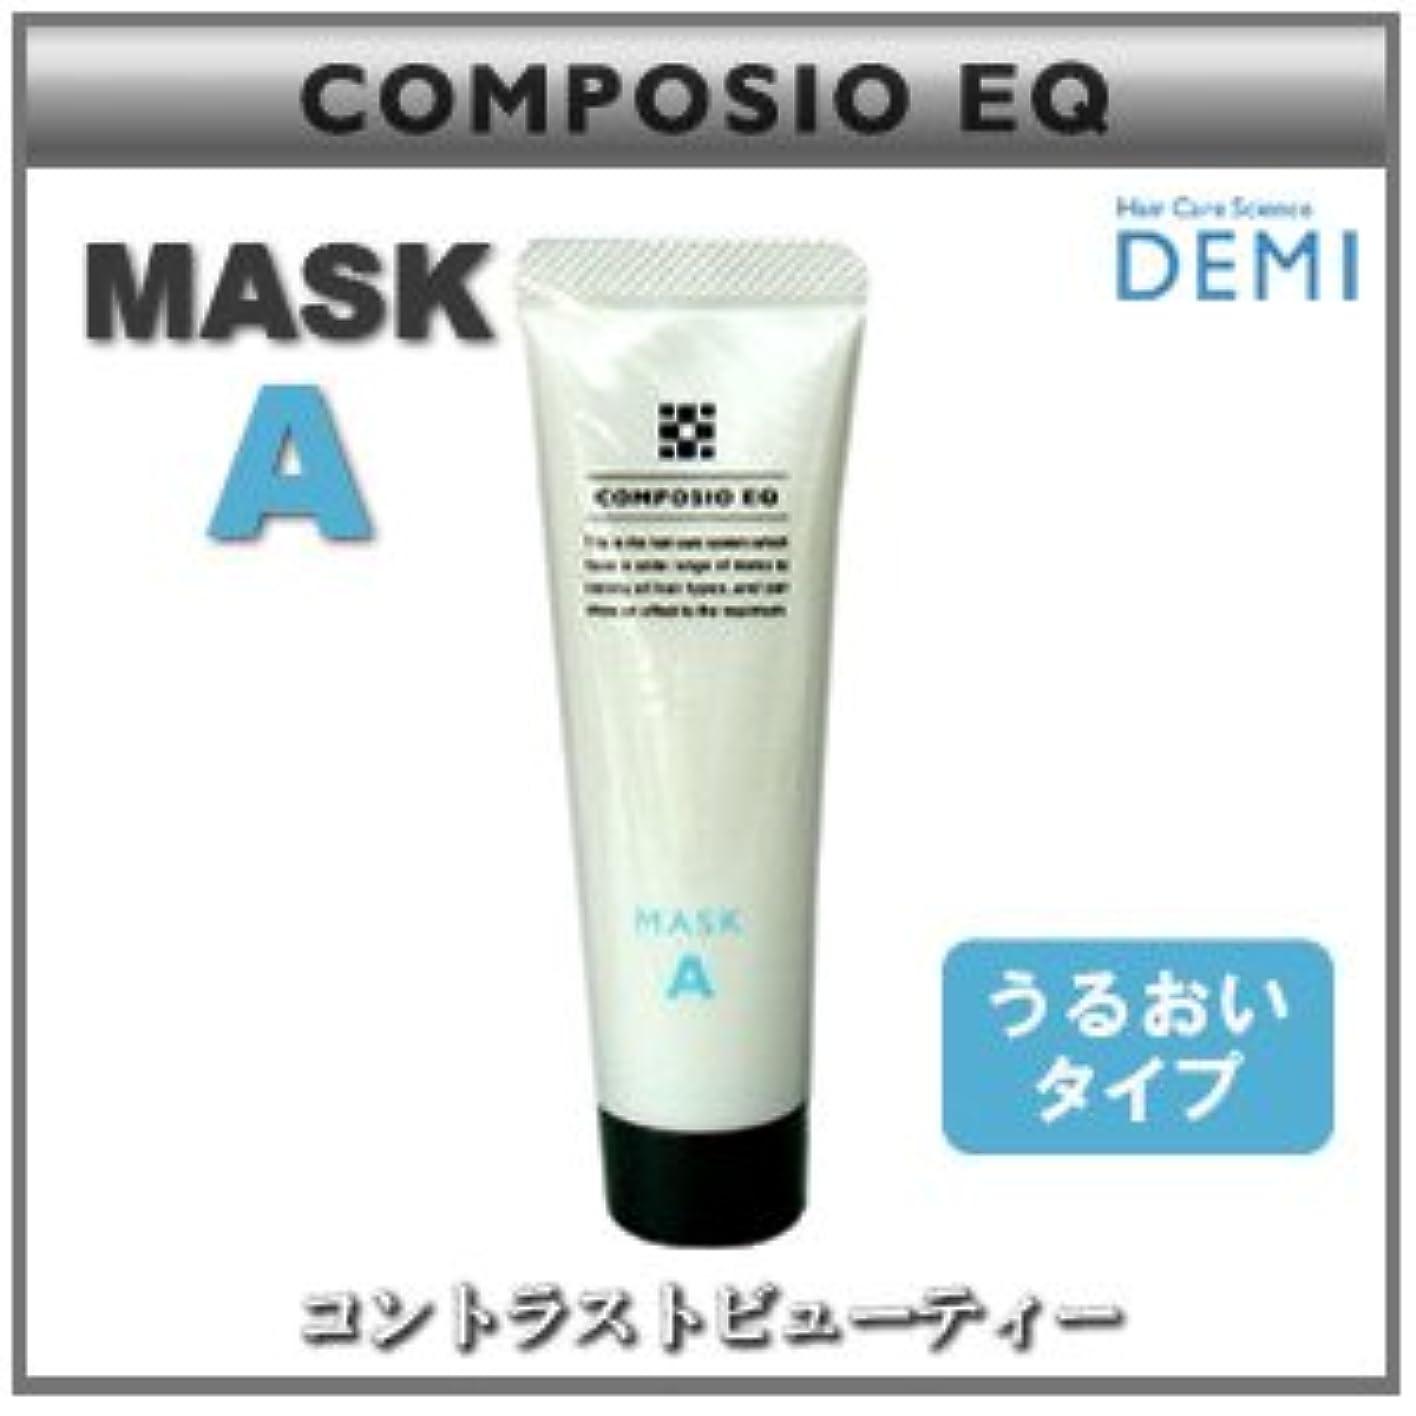 名義で異なる標準【X2個セット】 デミ コンポジオ EQ マスク A 50g